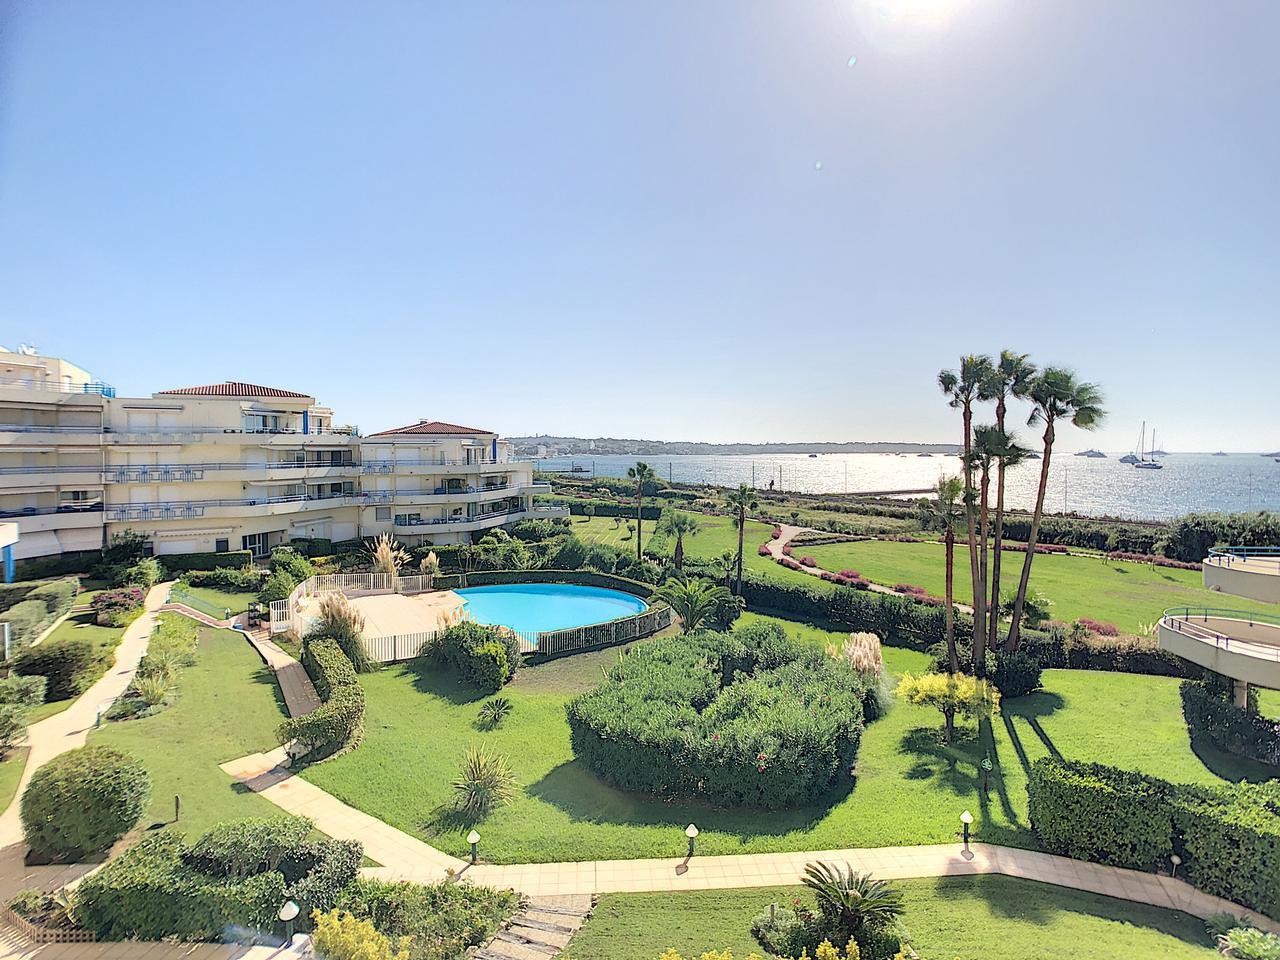 Lägenhet vid havet i Juan les Pins med pool i området och direktaccess till stranden. Närhet till allt. Parkering och förråd. Terrass & balkong 12 kvm